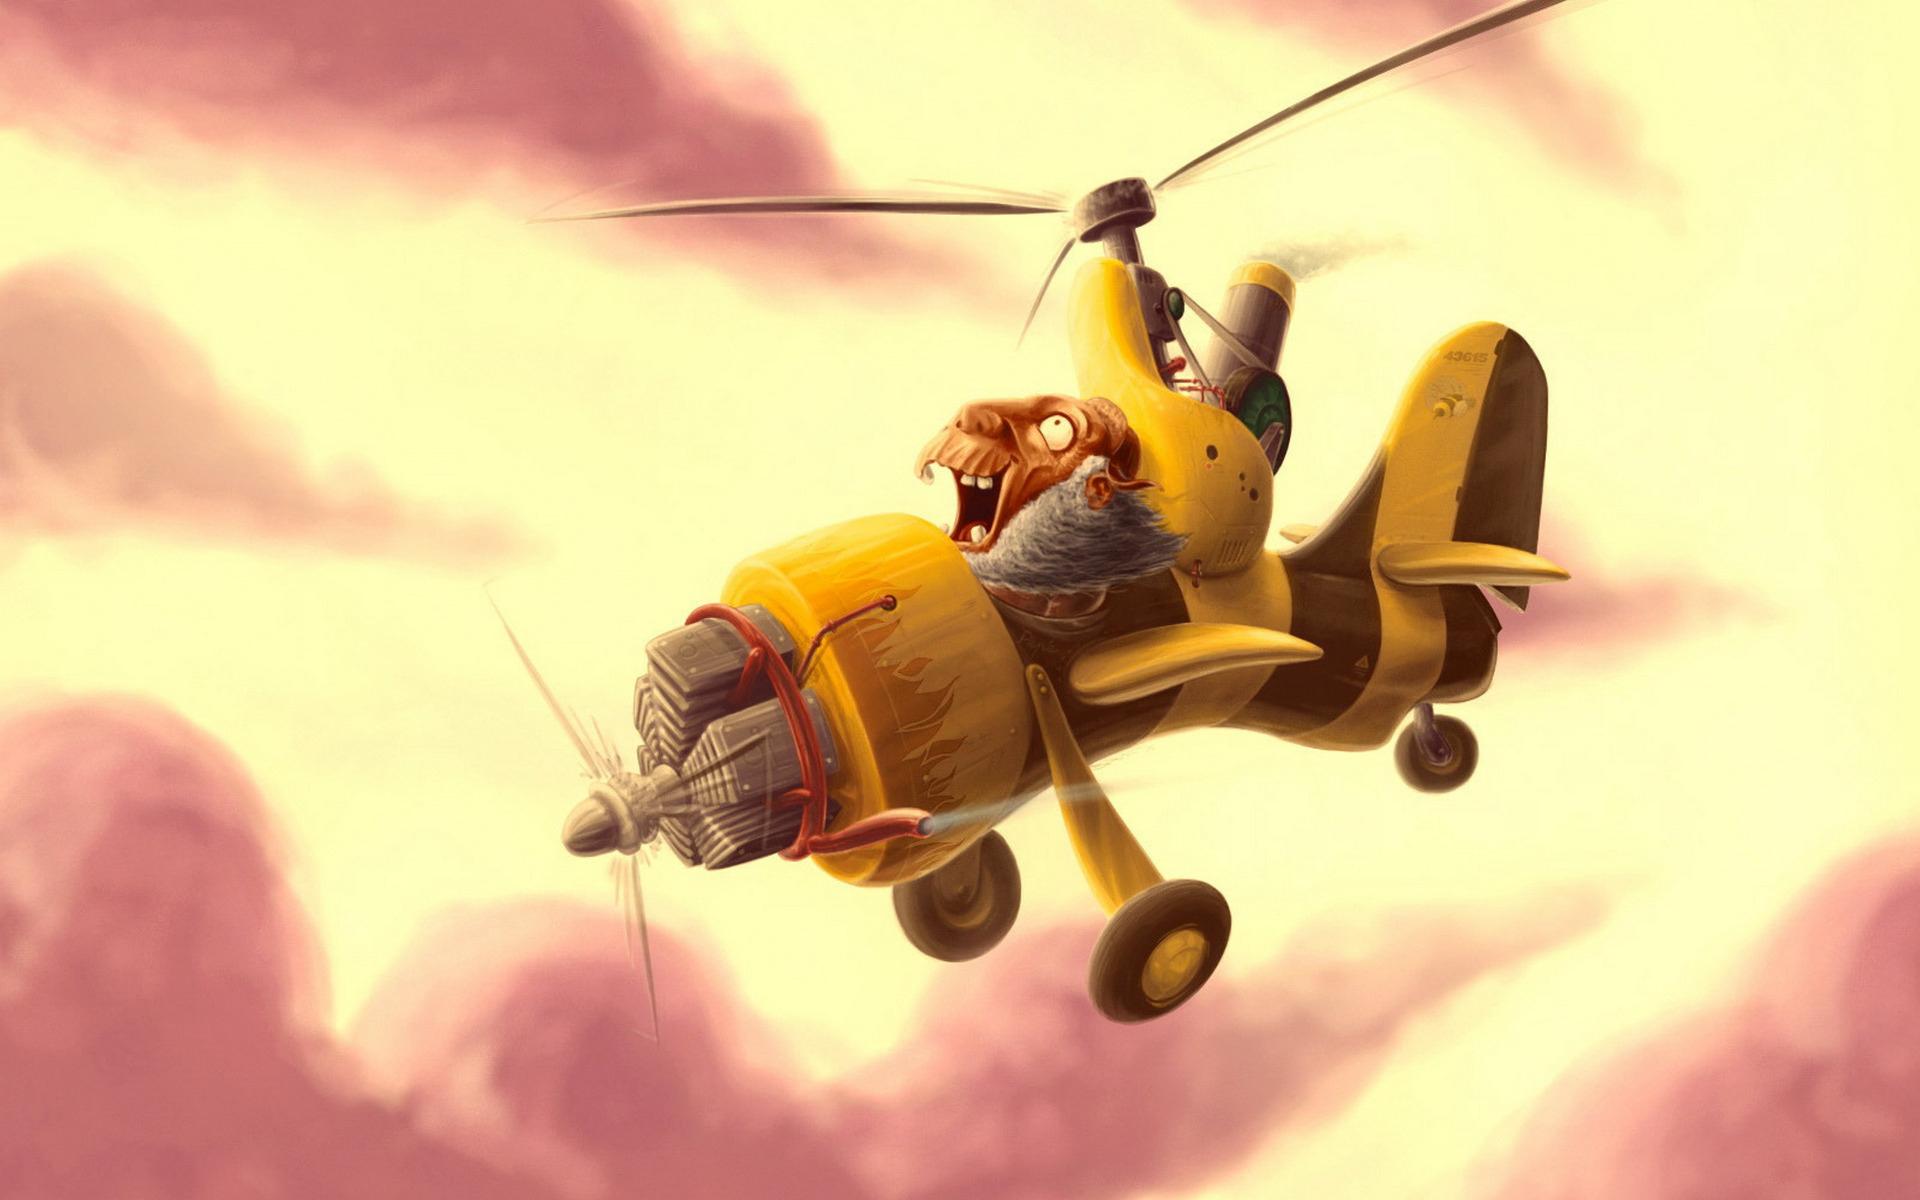 Картинки супергероя, самолеты картинки прикольные